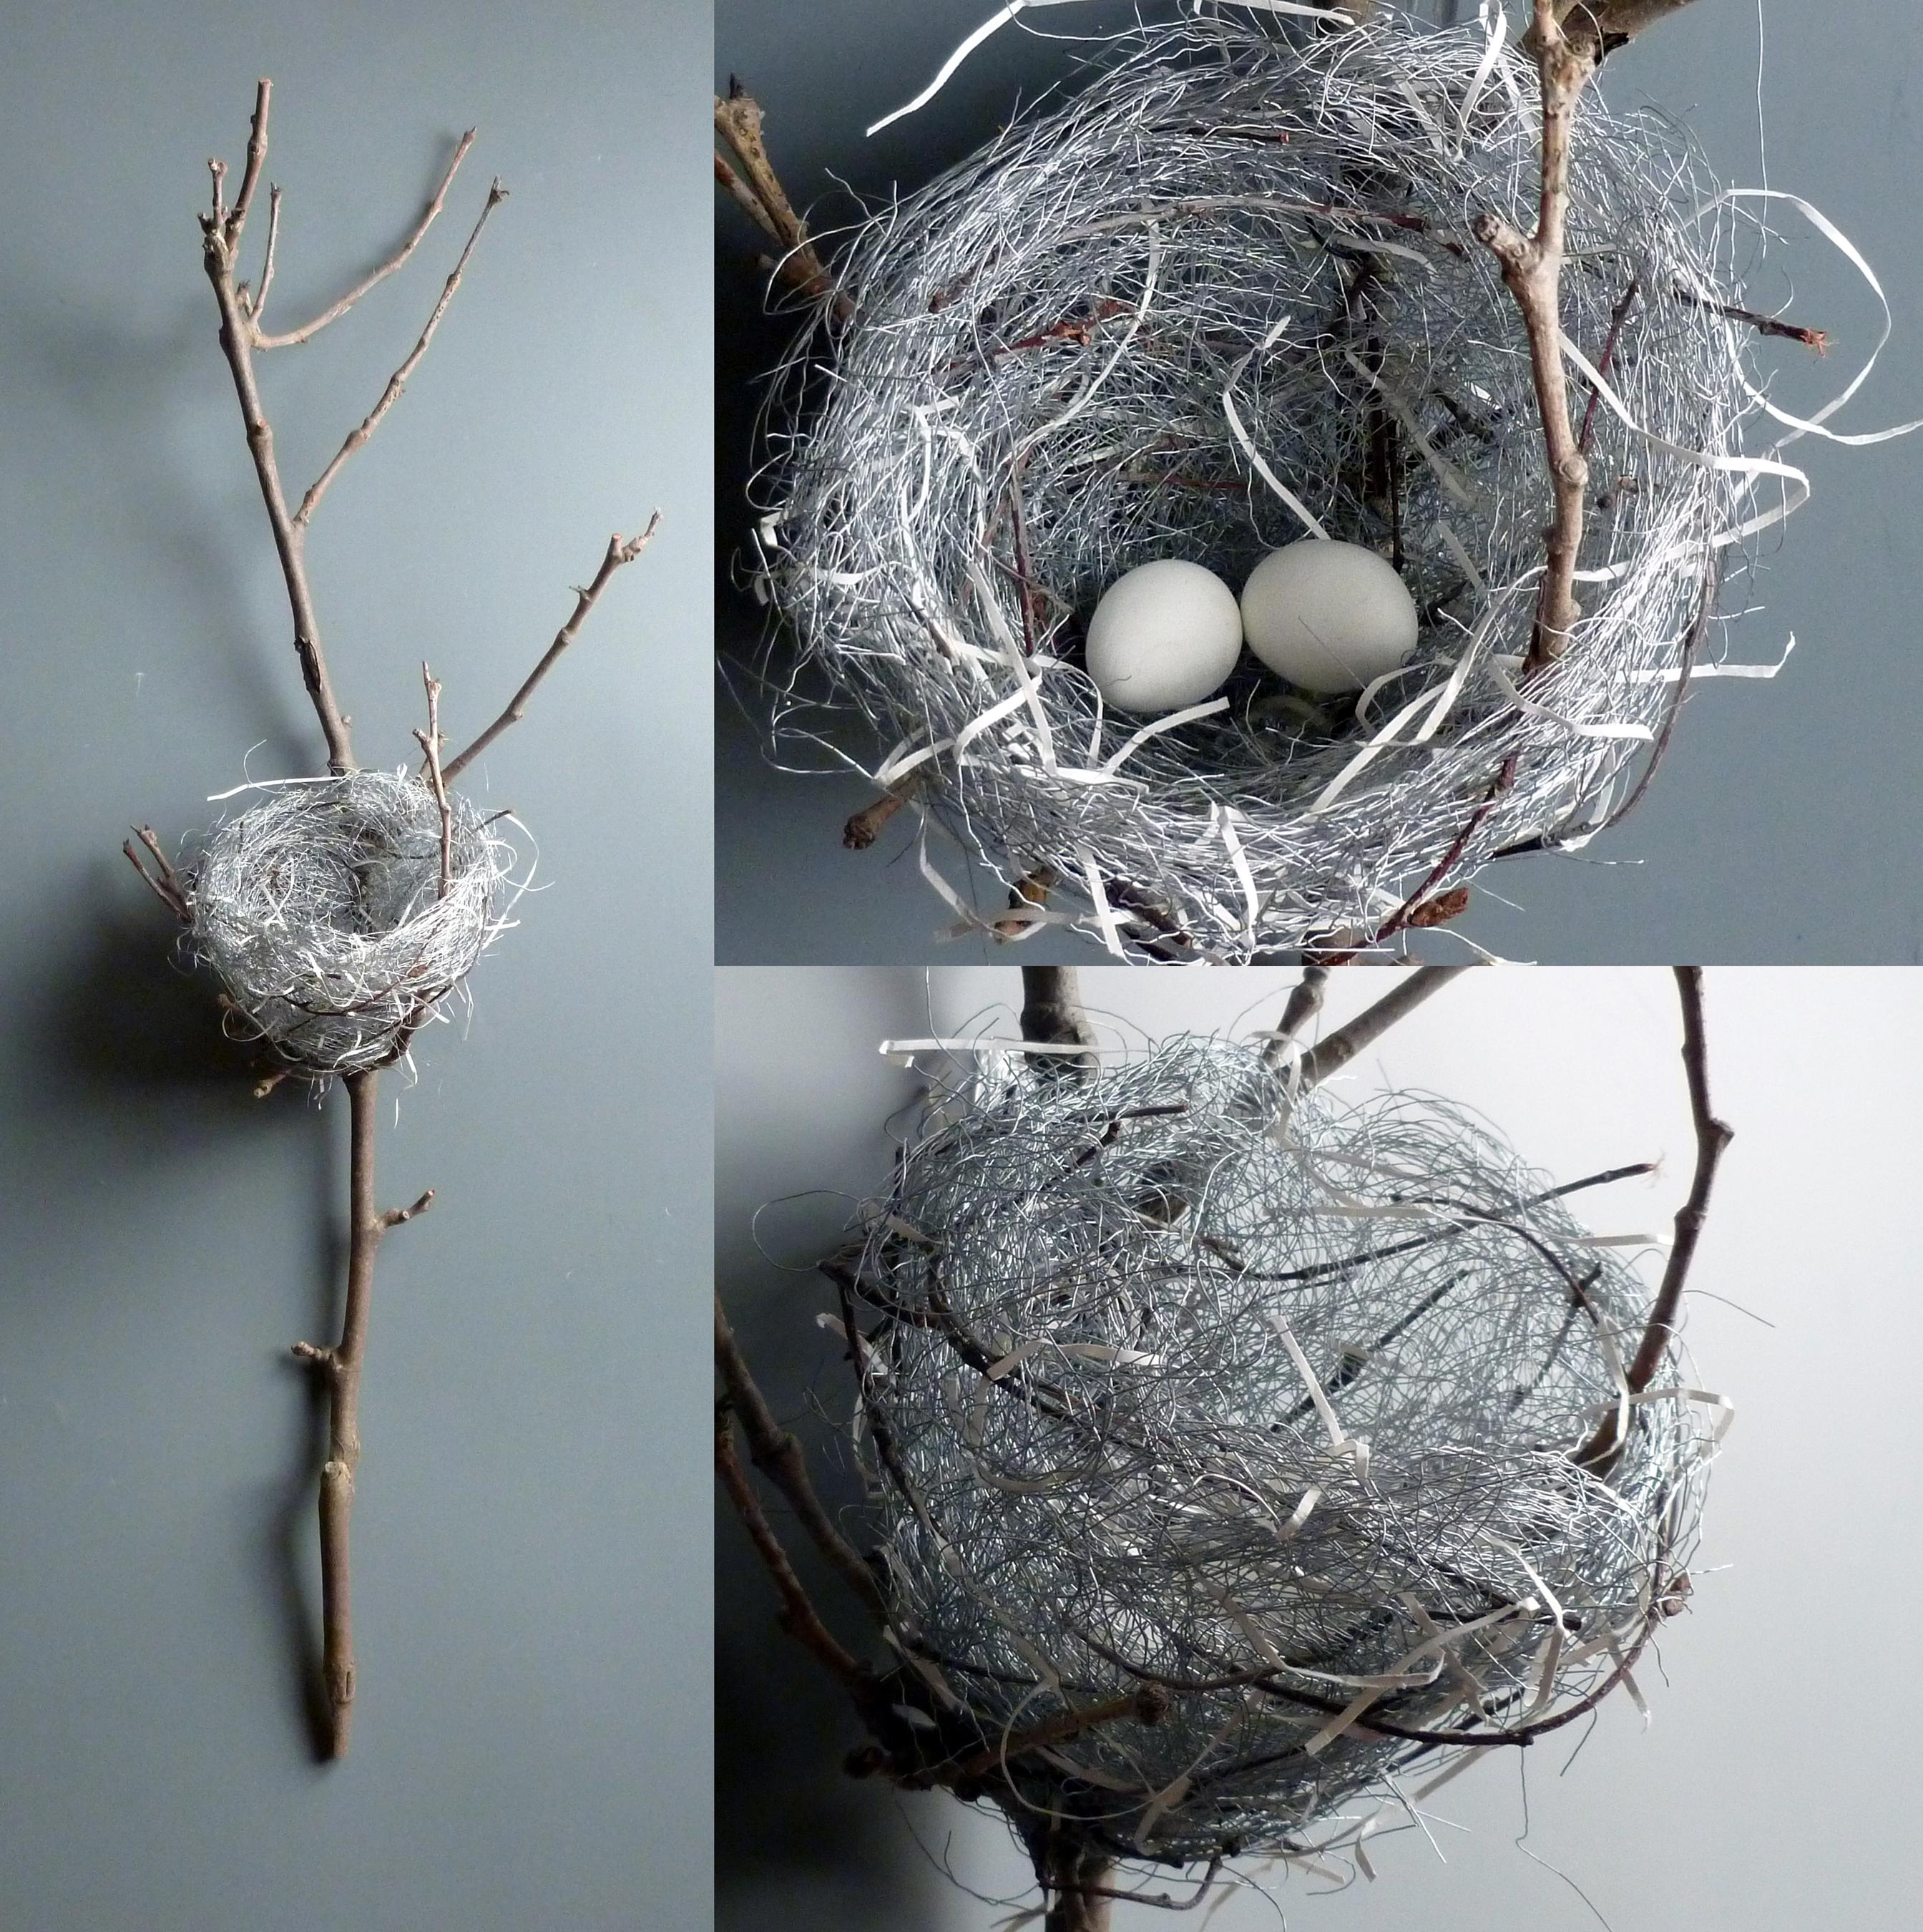 Nest_2 eggs.jpg